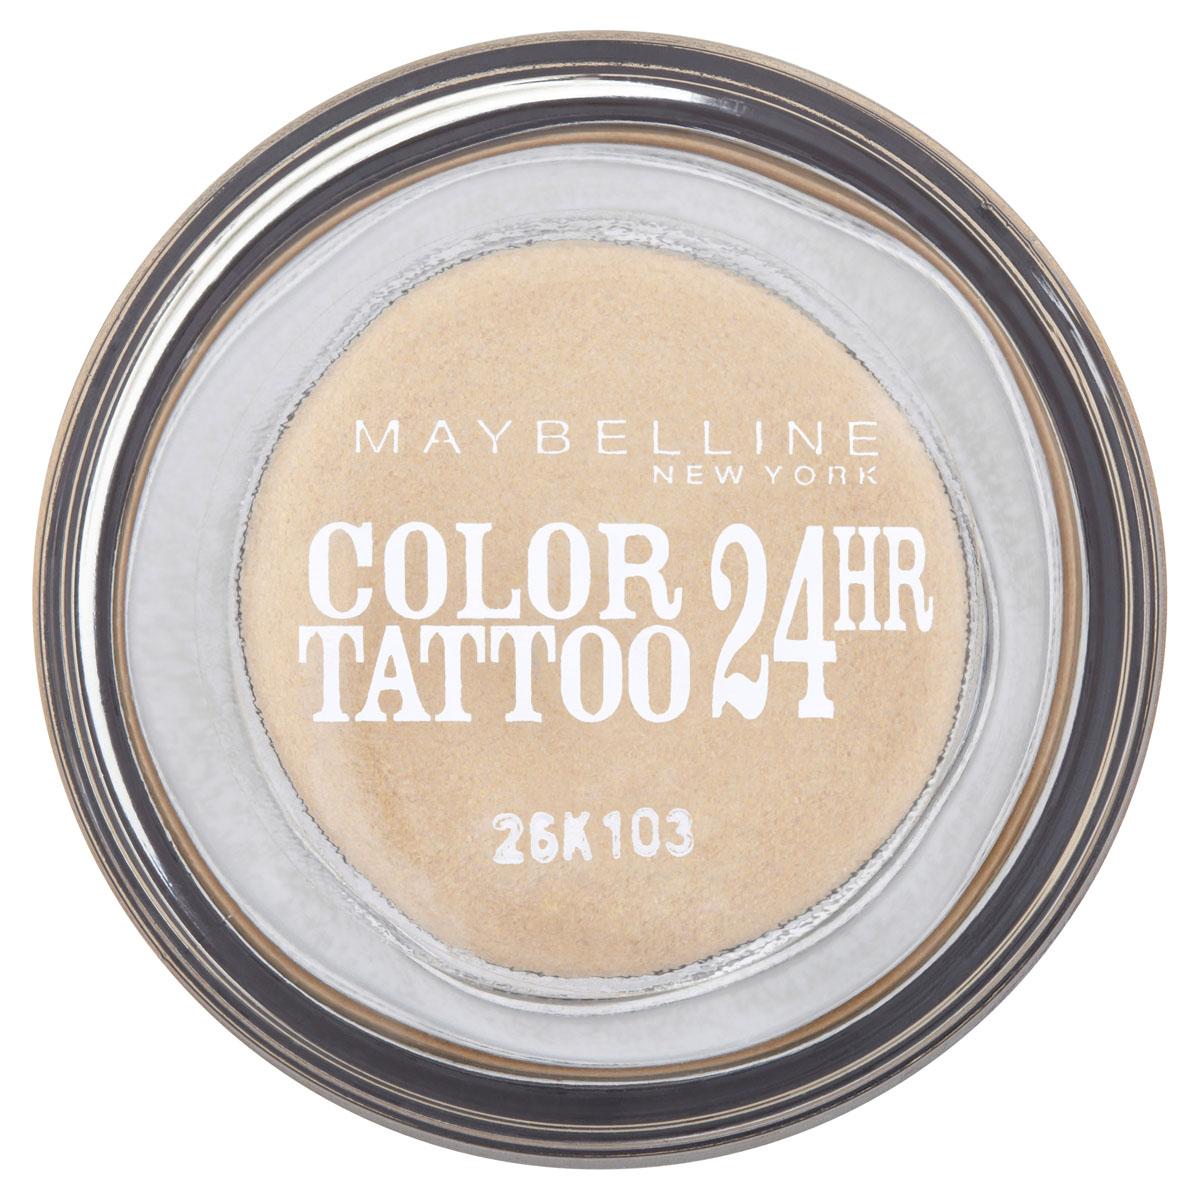 Maybelline New York Тени для век Color Tattoo 24 часа, оттенок 05, Вечное золото, 4 млSC-FM20104Осмелься на ультраяркий, самый стойкий цвет!Супернасыщенные крем-гелевые тени с технологией тату-пигментов.Насыщенные, устойчивые тениMaybelline Color Tattoo 24 часа предназначены для дневного и вечернего макияжа. Тени словно татуировка надежно закрепляются на коже, не боятся влаги, не скатываются и не размазываются, даже если потереть глаза рукой.Товар сертифицирован.